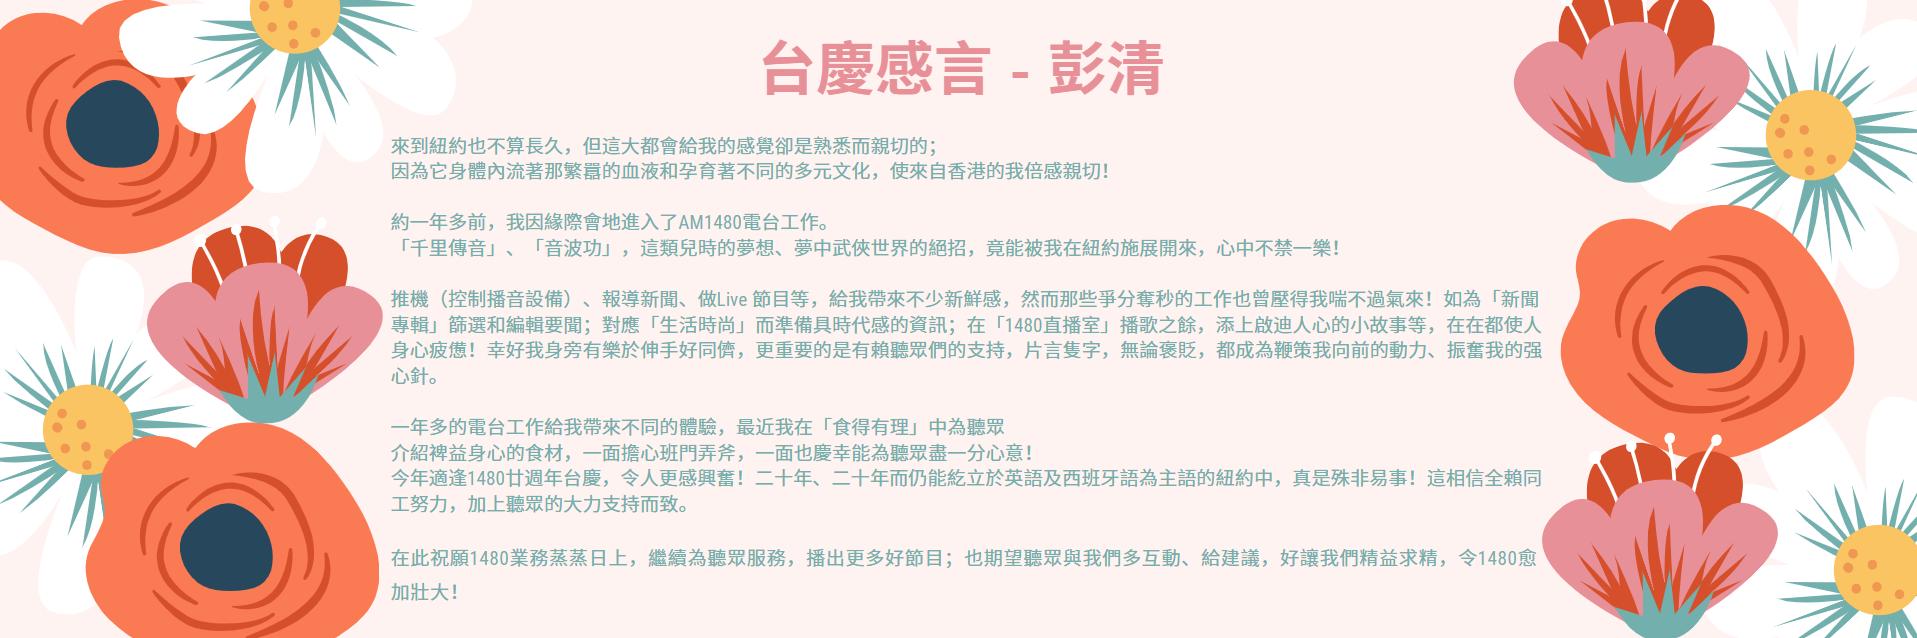 台慶感言 - 彭清